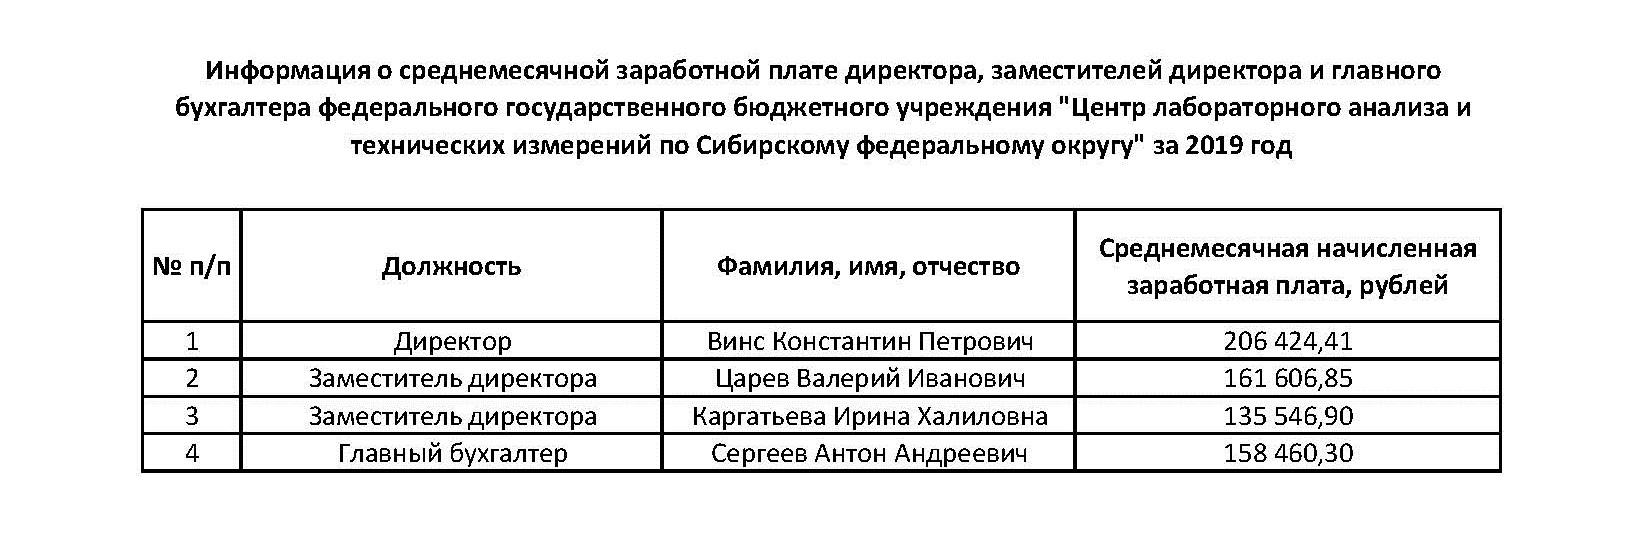 Вакансии заместителя главного бухгалтера бюджетной организации в москве бухобслуживание аутсорсинг